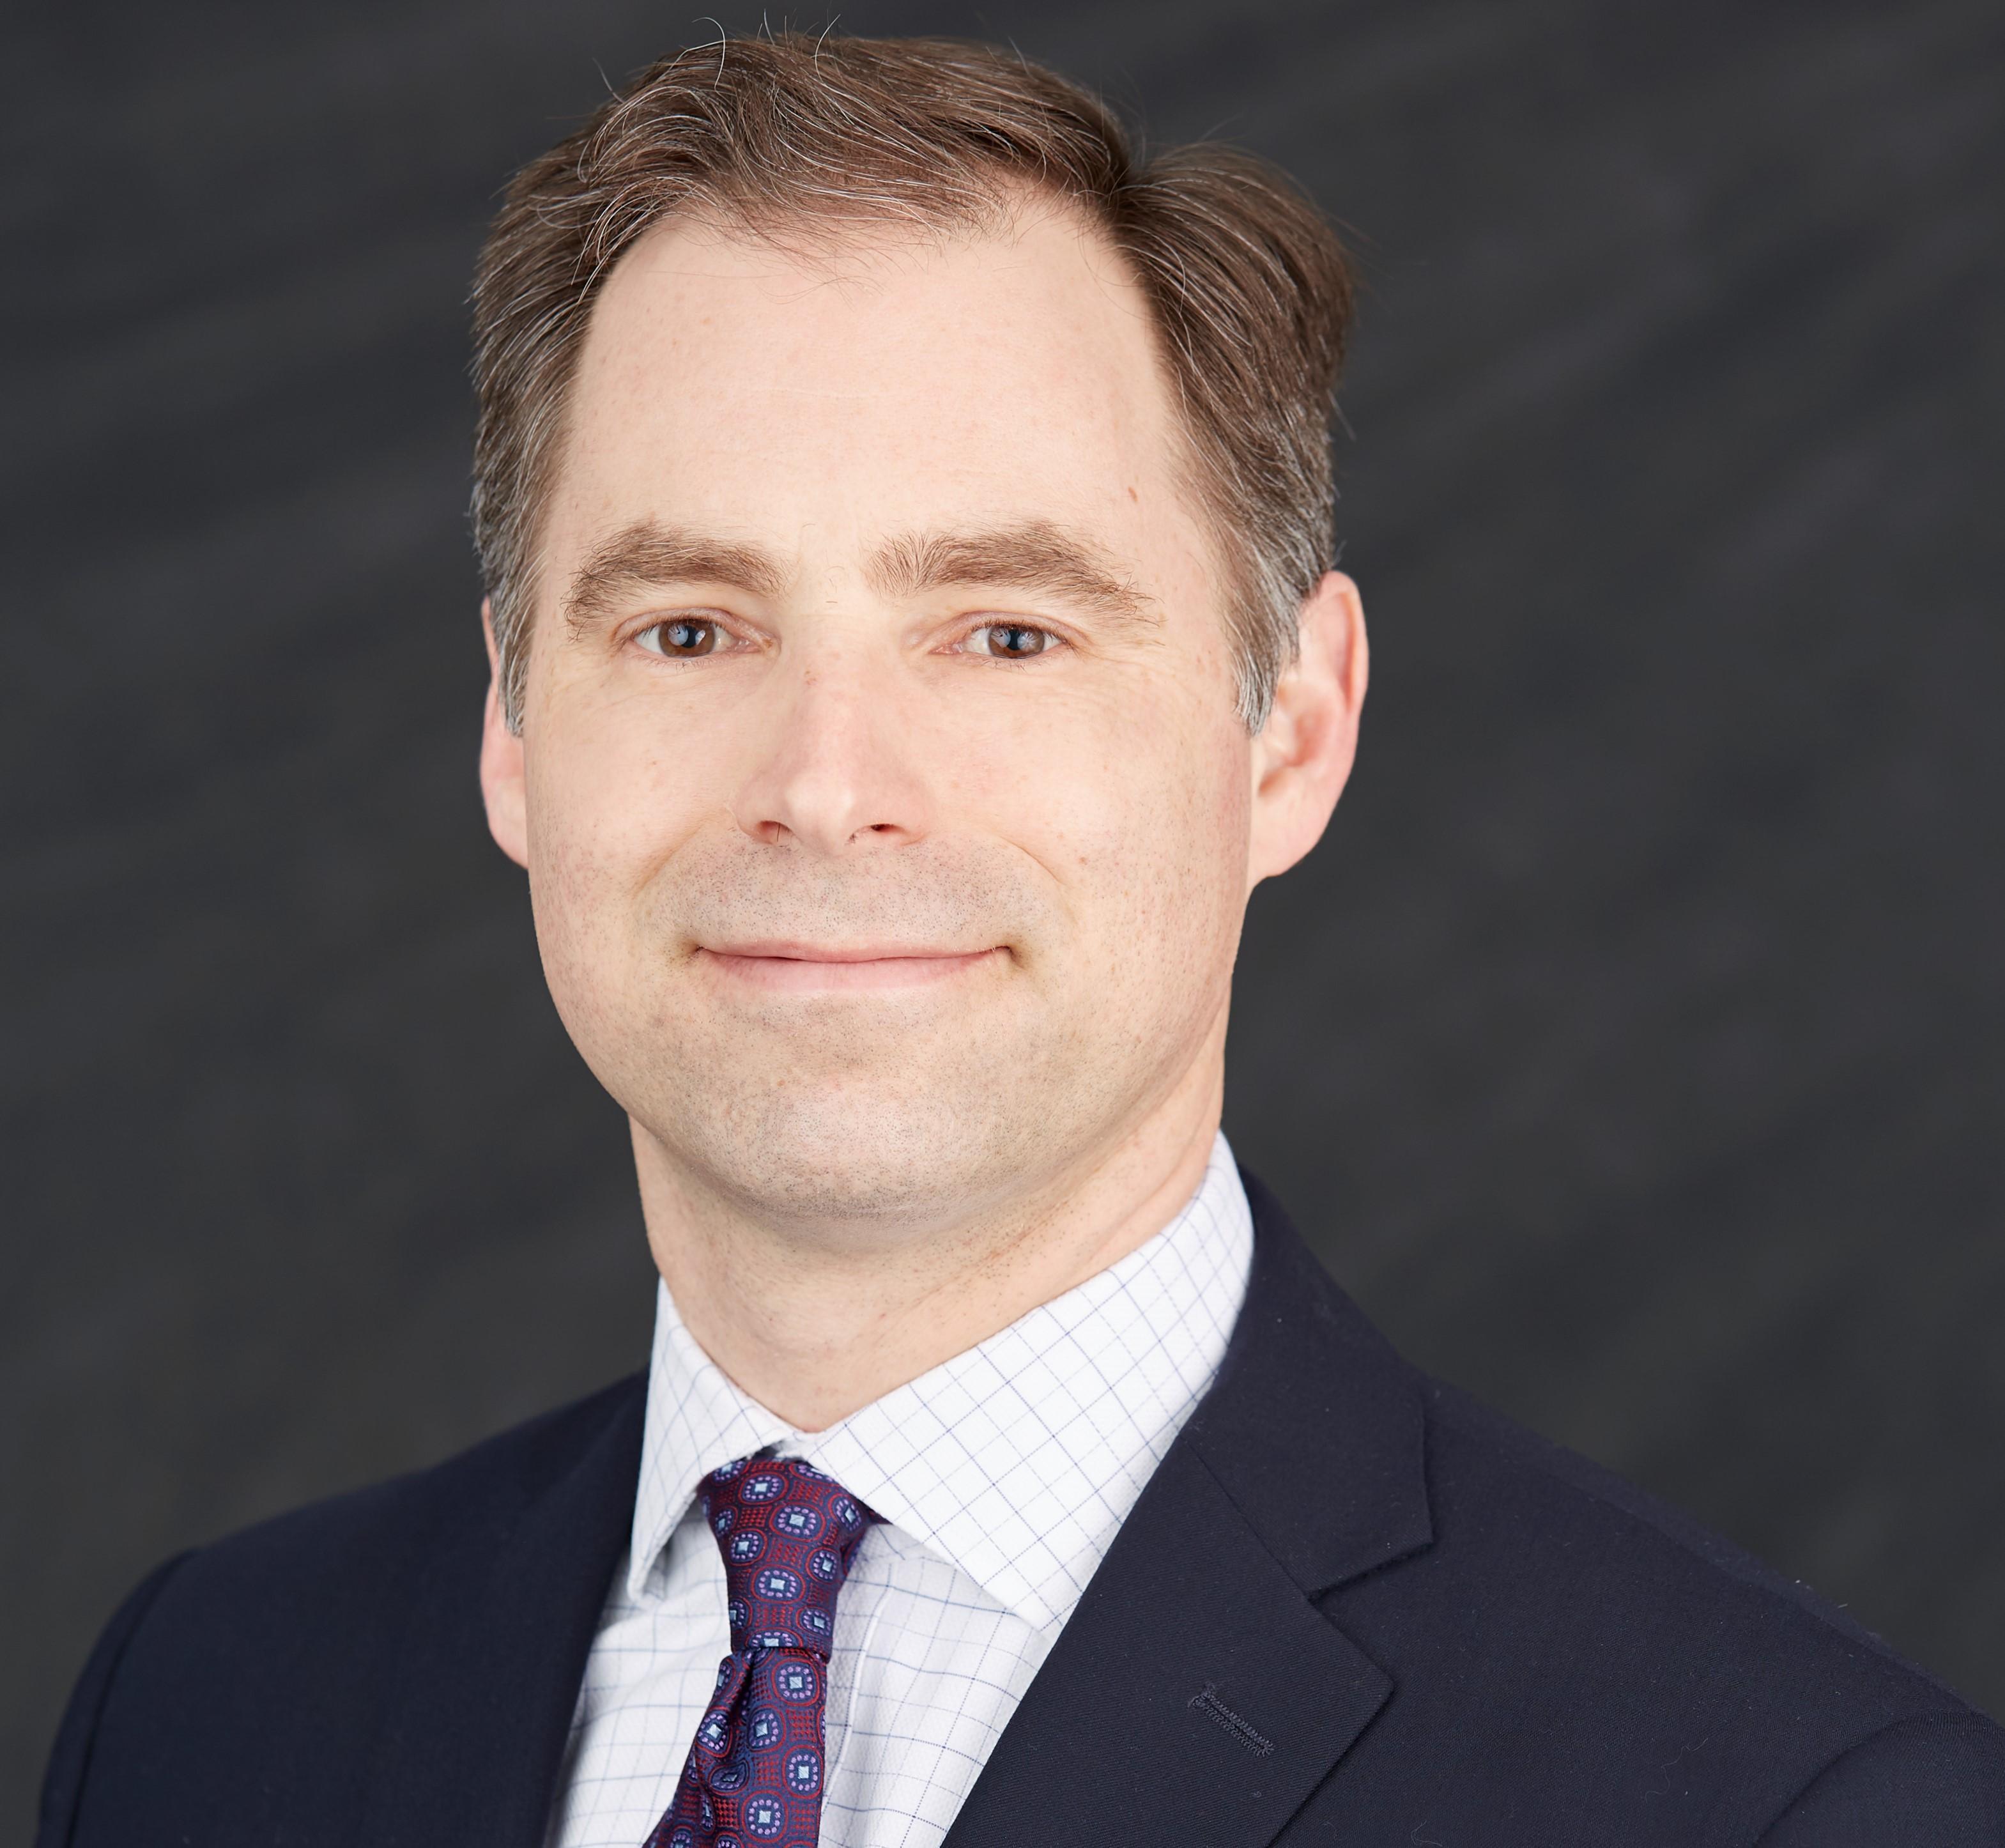 THOMAS J. PETERSON Financial Advisor